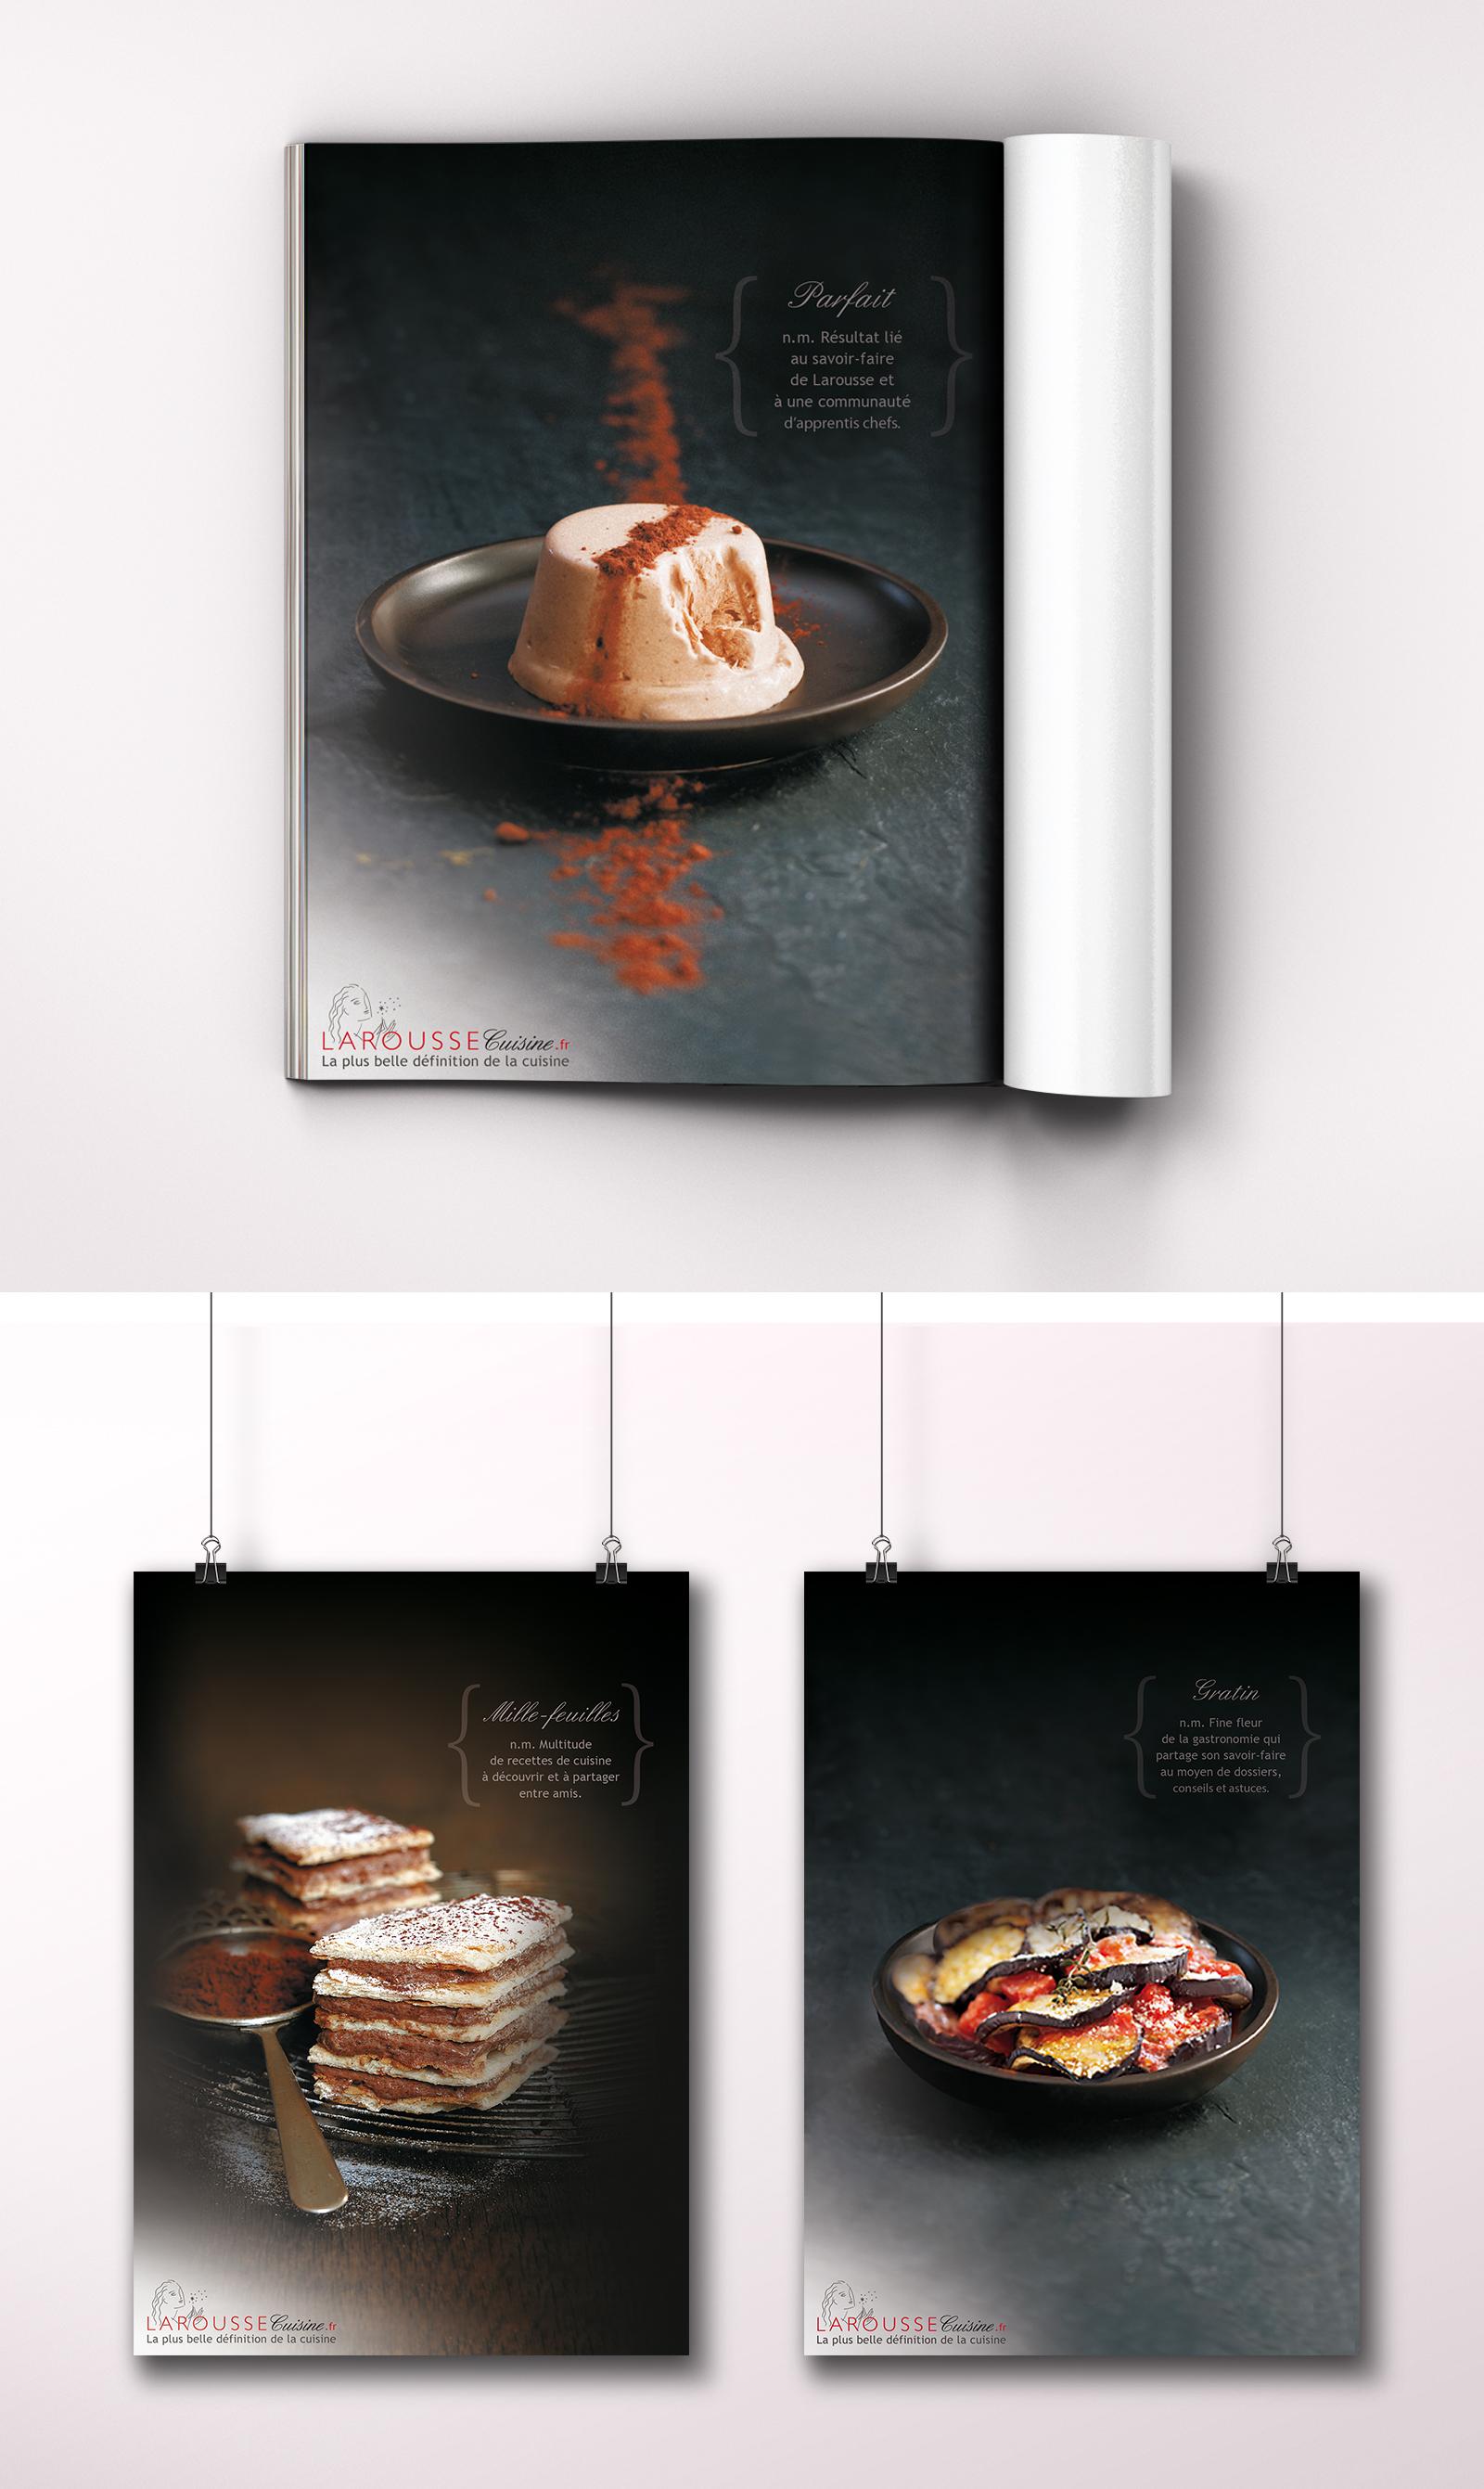 larousse cuisine ganoee portefolio. Black Bedroom Furniture Sets. Home Design Ideas